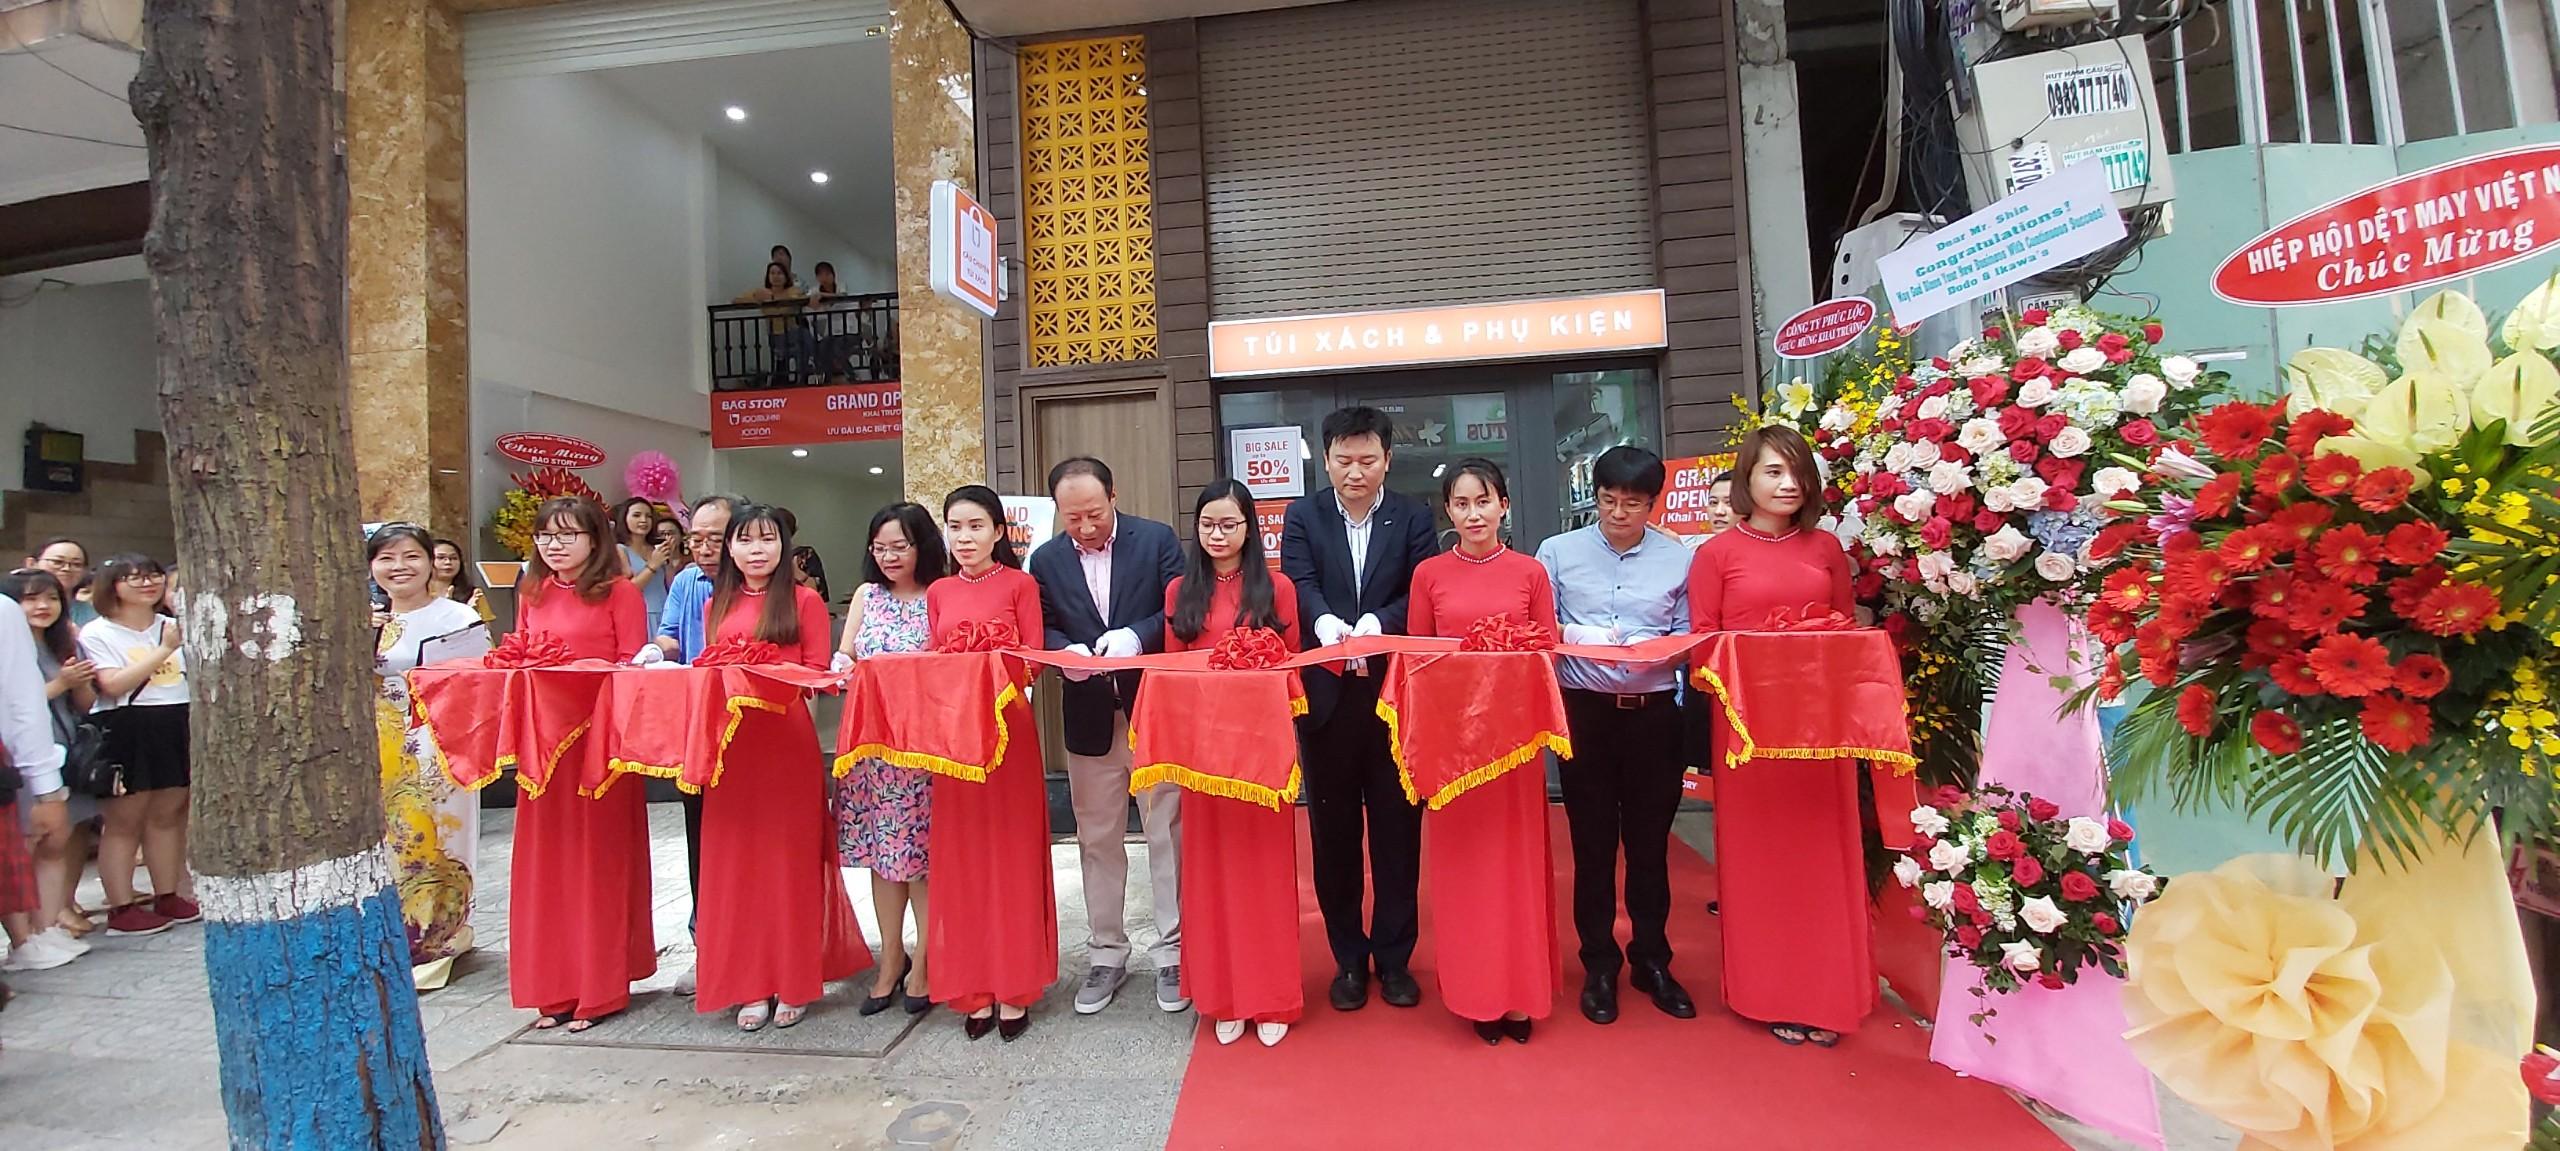 Công ty Vina Gio khai trương cửa hàng Bag Story tại TP.HCM